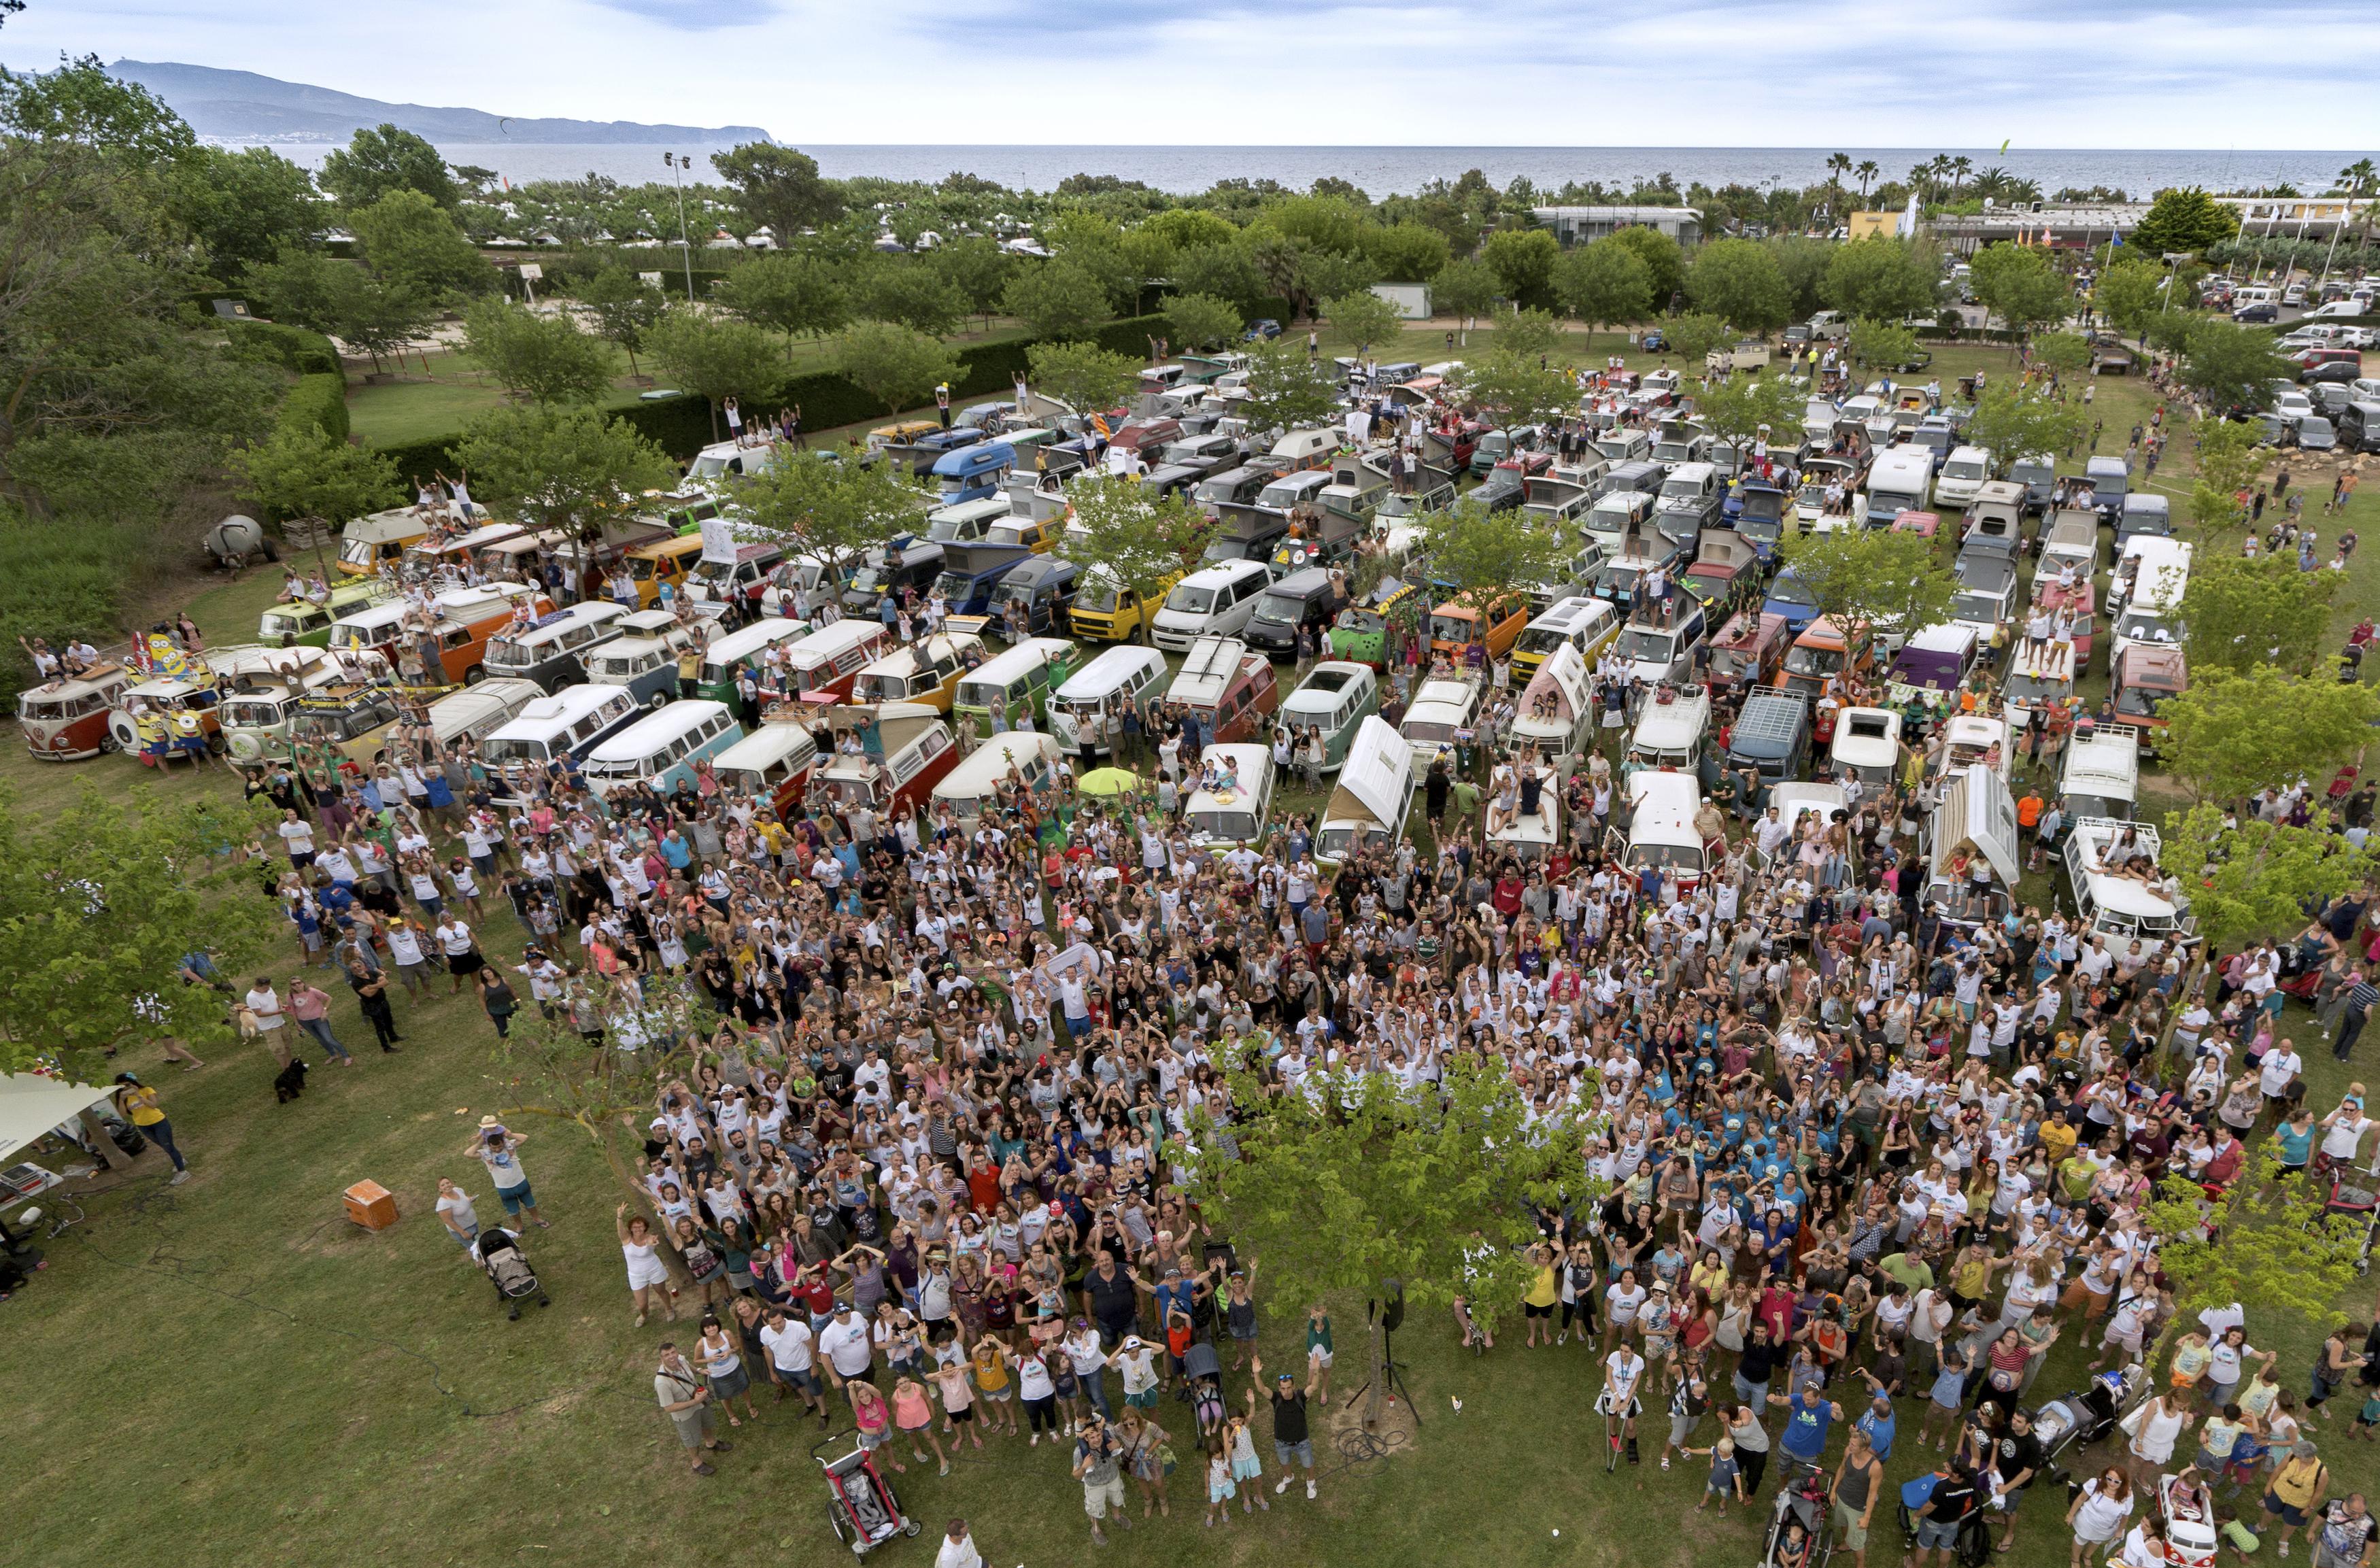 Se acaba de celebrar la décimotercera edición de la FurgoVolkswagen con récords de asistencia de furgonetas y público